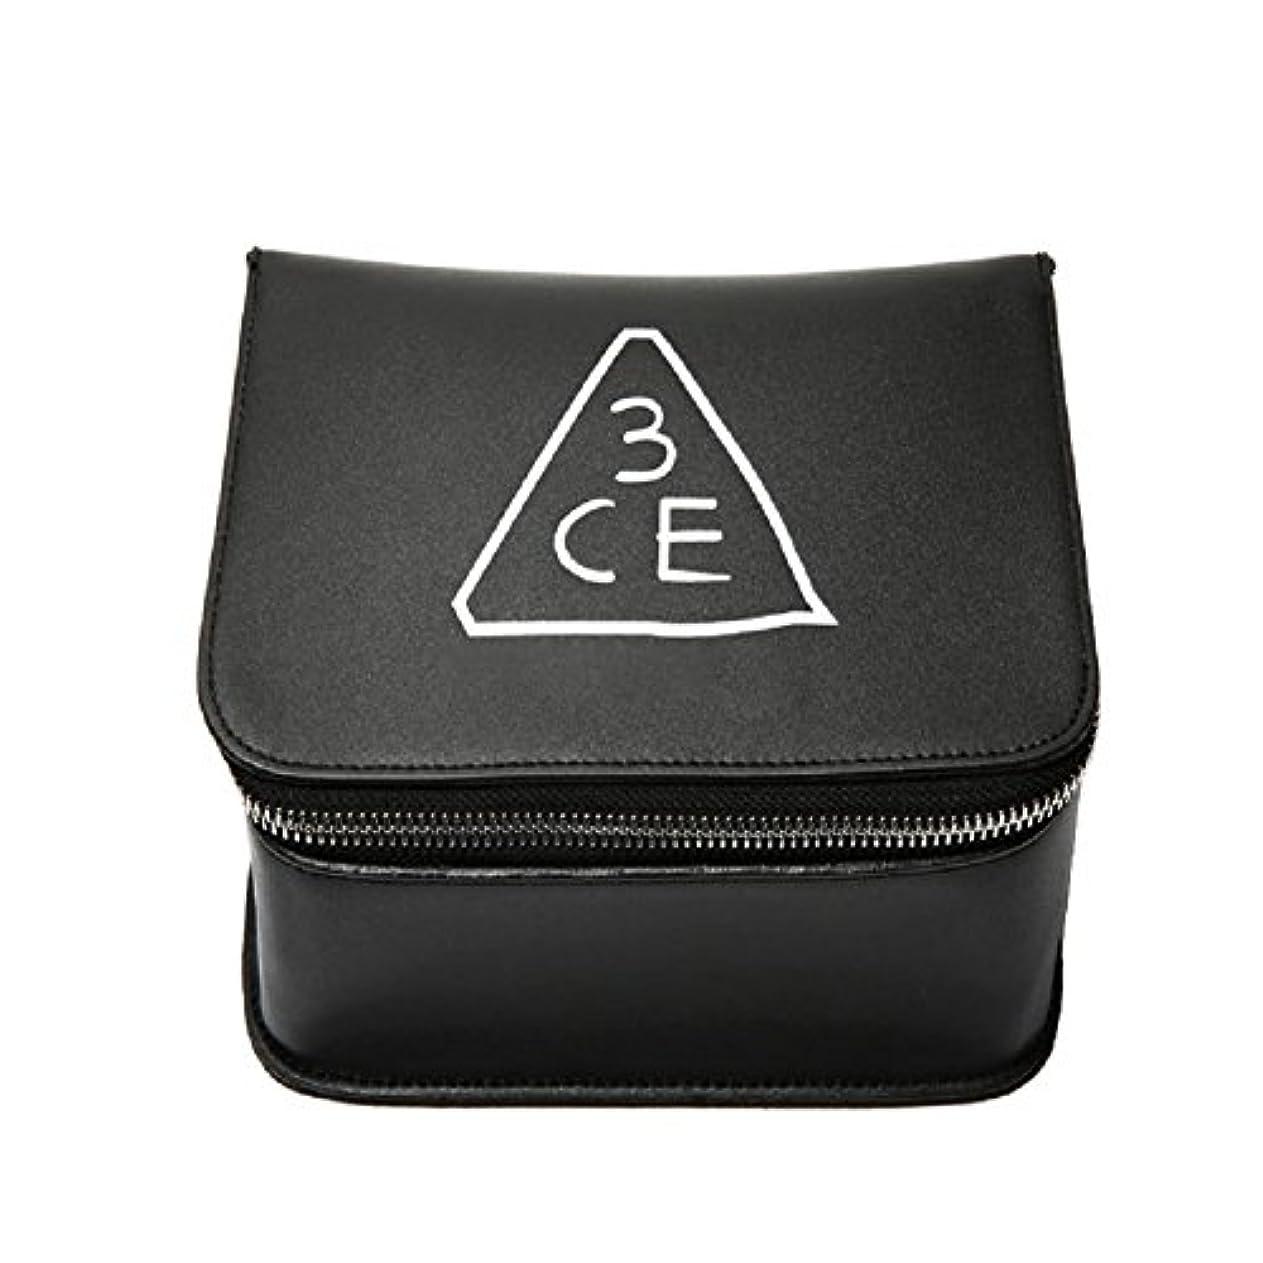 警報階段ライラック3CE(3 CONCEPT EYES) COSMETIC BOX POUCH 化粧品 BOXポーチ stylenanda 婦人向け 旅行 ビッグサイズ[韓国並行輸入品]